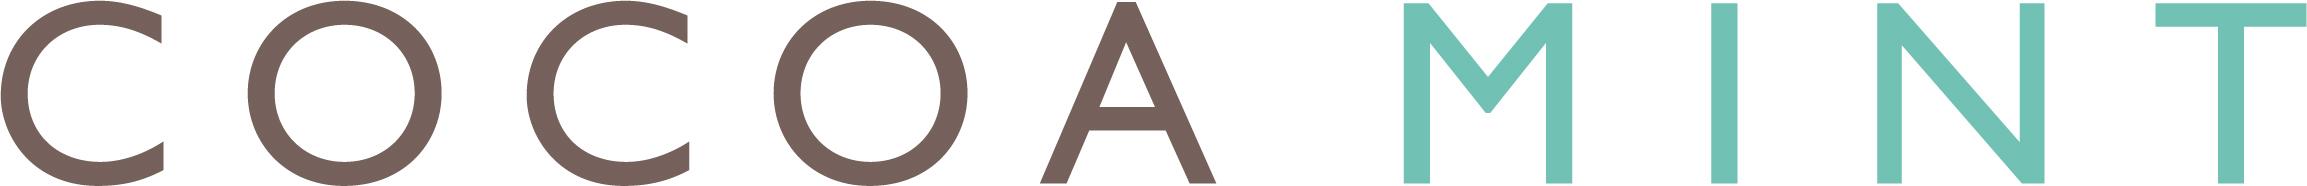 CocoaMint_Colour logo